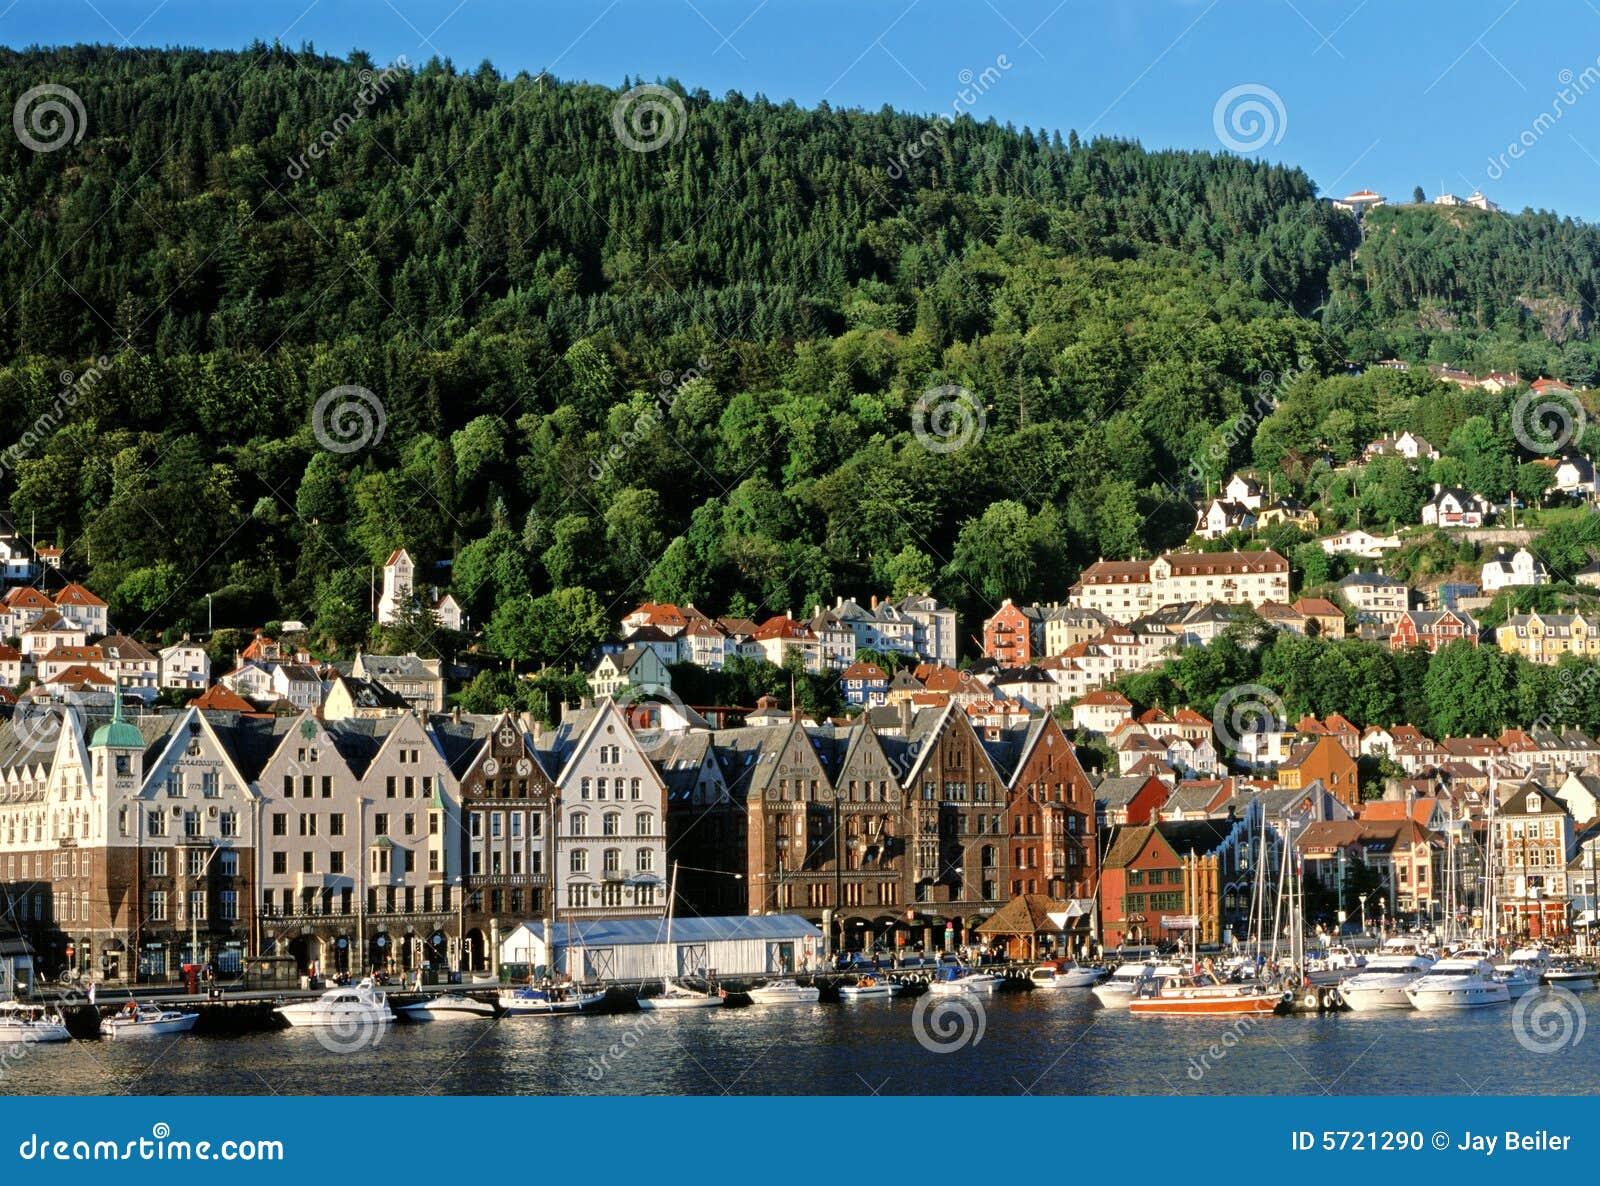 Bergen, Norway, harbor